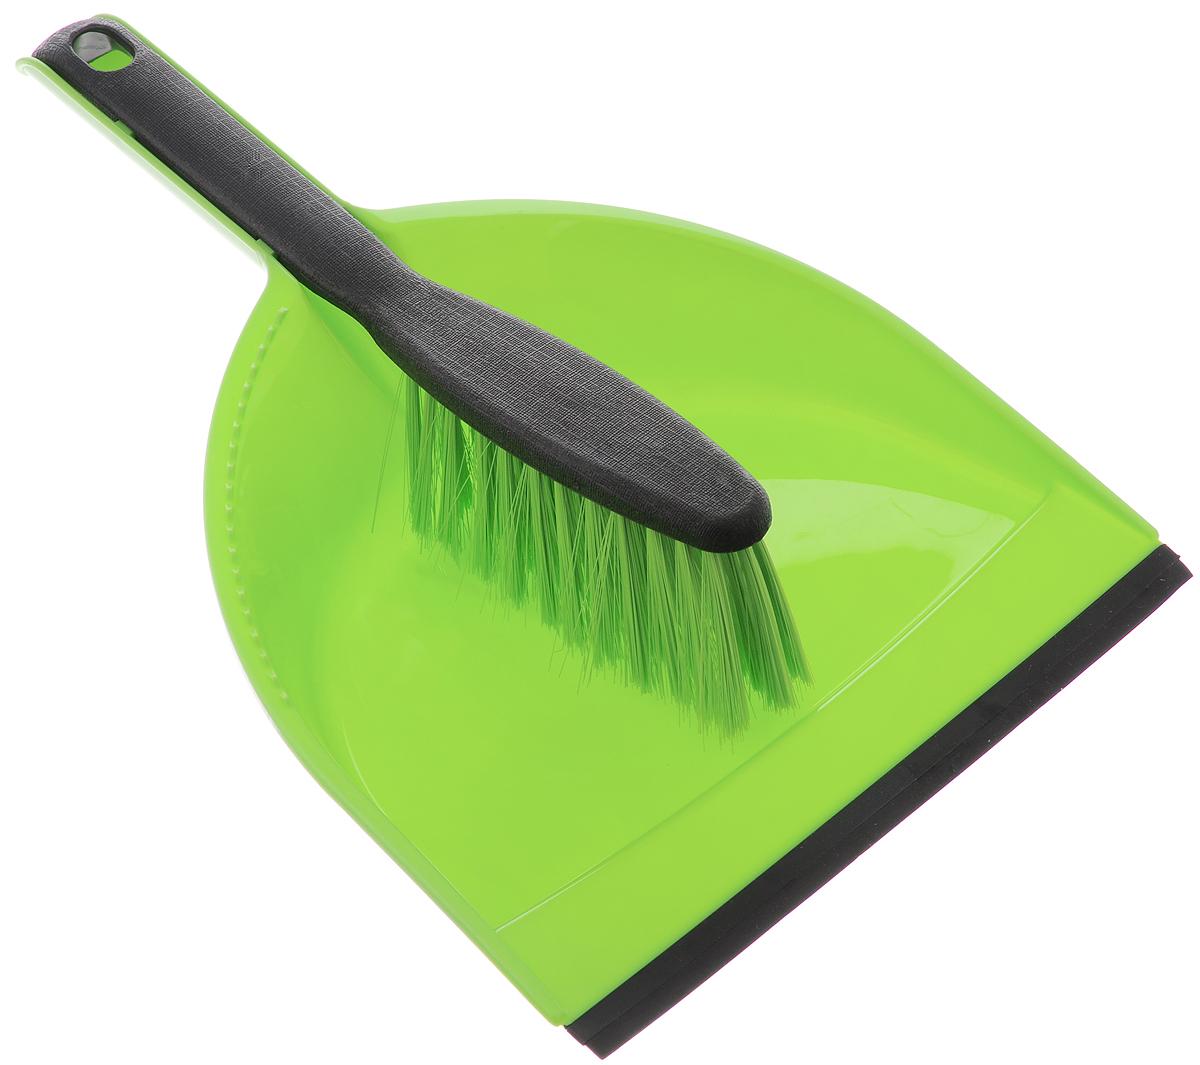 Щетка-сметка Centi, с совком, цвет: салатовый, черный. 62046204_салатовый, черныйЩетка-сметка Centi станет незаменимым помощником в деле удаления пыли и мусора с различных поверхностей. Эластичный ворс на щетке, изготовленный из полимера, не оставит от грязи и следа. В комплекте вместительный совок углубленной формы, выполненный из прочного пластика. Удобная форма совка с бордюром, который удерживает собранный мусор, позволит эффективно и быстро совершить уборку в любом помещении. Изделие оснащено резинкой. Ручка совка позволяет прикреплять его к рукоятке щетки. На рукояти изделий имеется специальное отверстие для подвешивания. Длина щетки-сметки: 28 см. Длина ворса: 5 см. Размер рабочей поверхности совка: 21 х 16 см. Размер совка (с учетом ручки): 32 х 21 х 7 см.